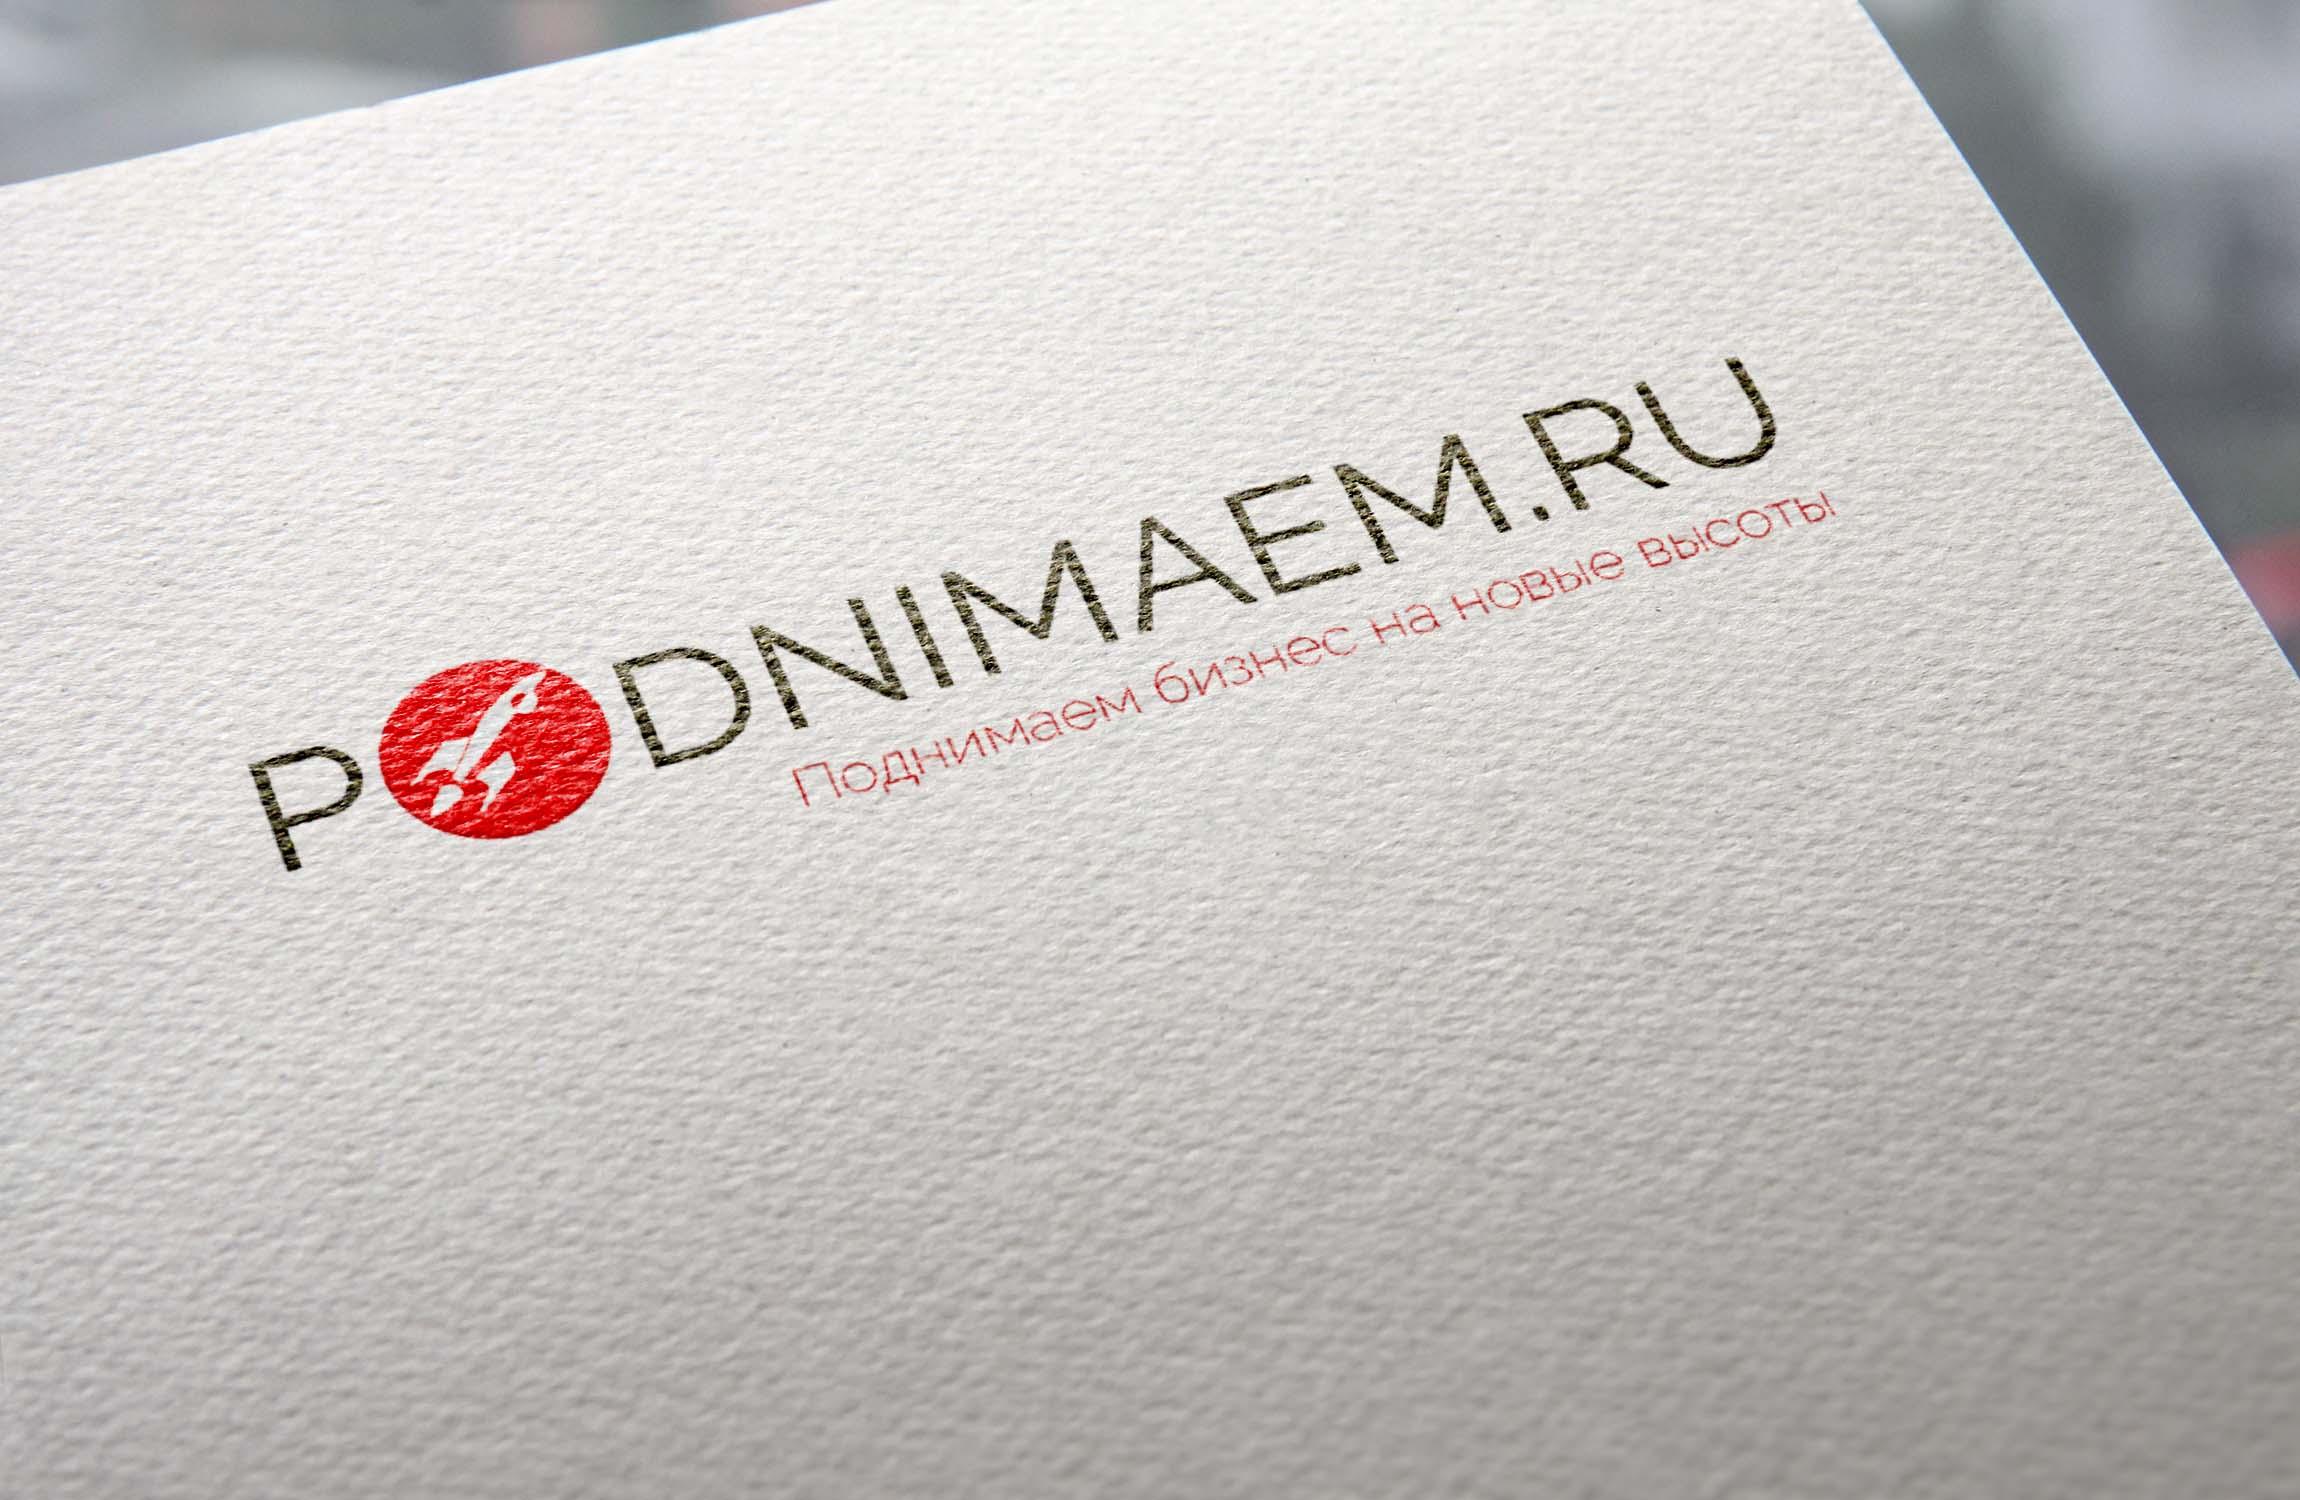 Разработать логотип + визитку + логотип для печати ООО +++ фото f_3815546a678b89f8.jpg